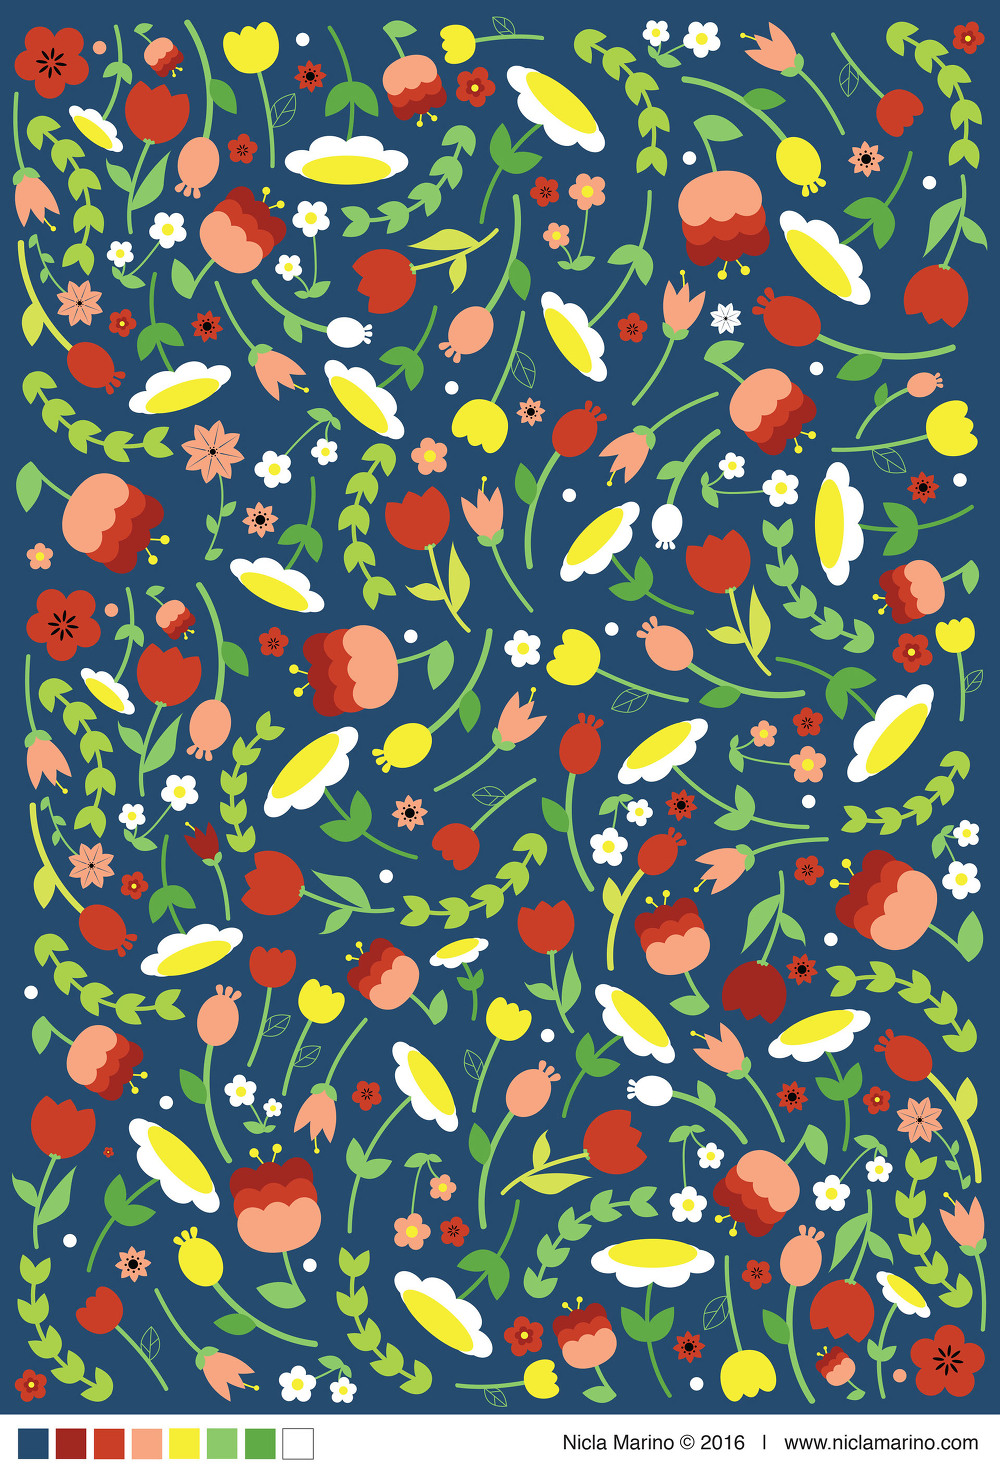 3 가지 무료 벡터 꽃 패턴 - 3 Free Floral Vector Patterns